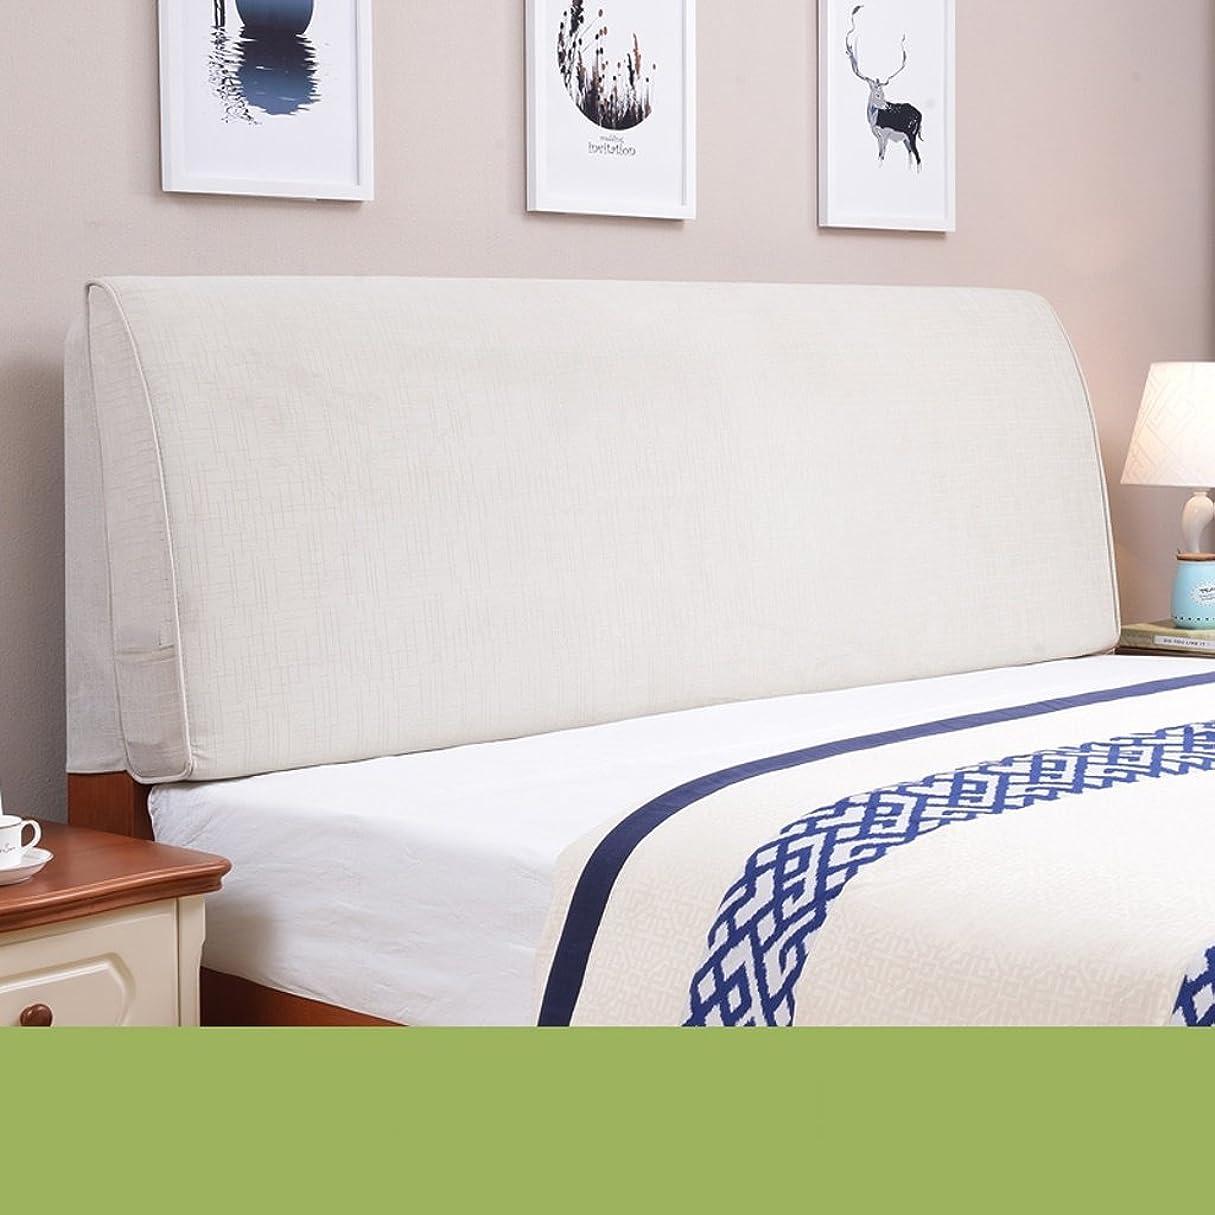 執着学習者捕虜JJJJD 背もたれの枕/腰の枕/クッションのソファーベッドの休息枕を読む贅沢な背中のサポートの枕、リーディングのためのくさび枕55 * 200 cm (色 : A)